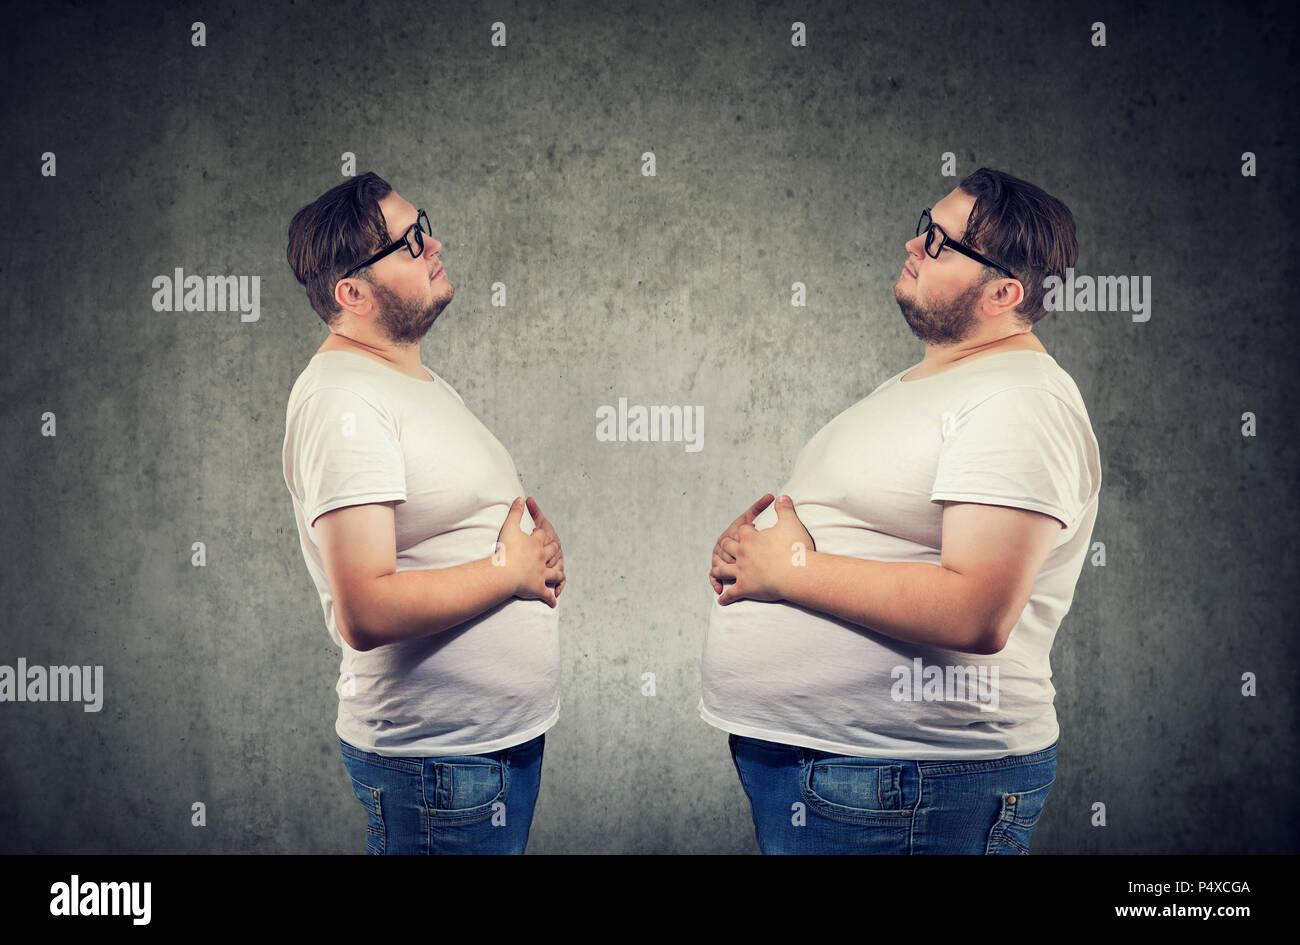 Jeune homme potelé à la graisse lui-même à se sentir ballonné. Régime alimentaire et nutrition choix de vie sain concept Photo Stock